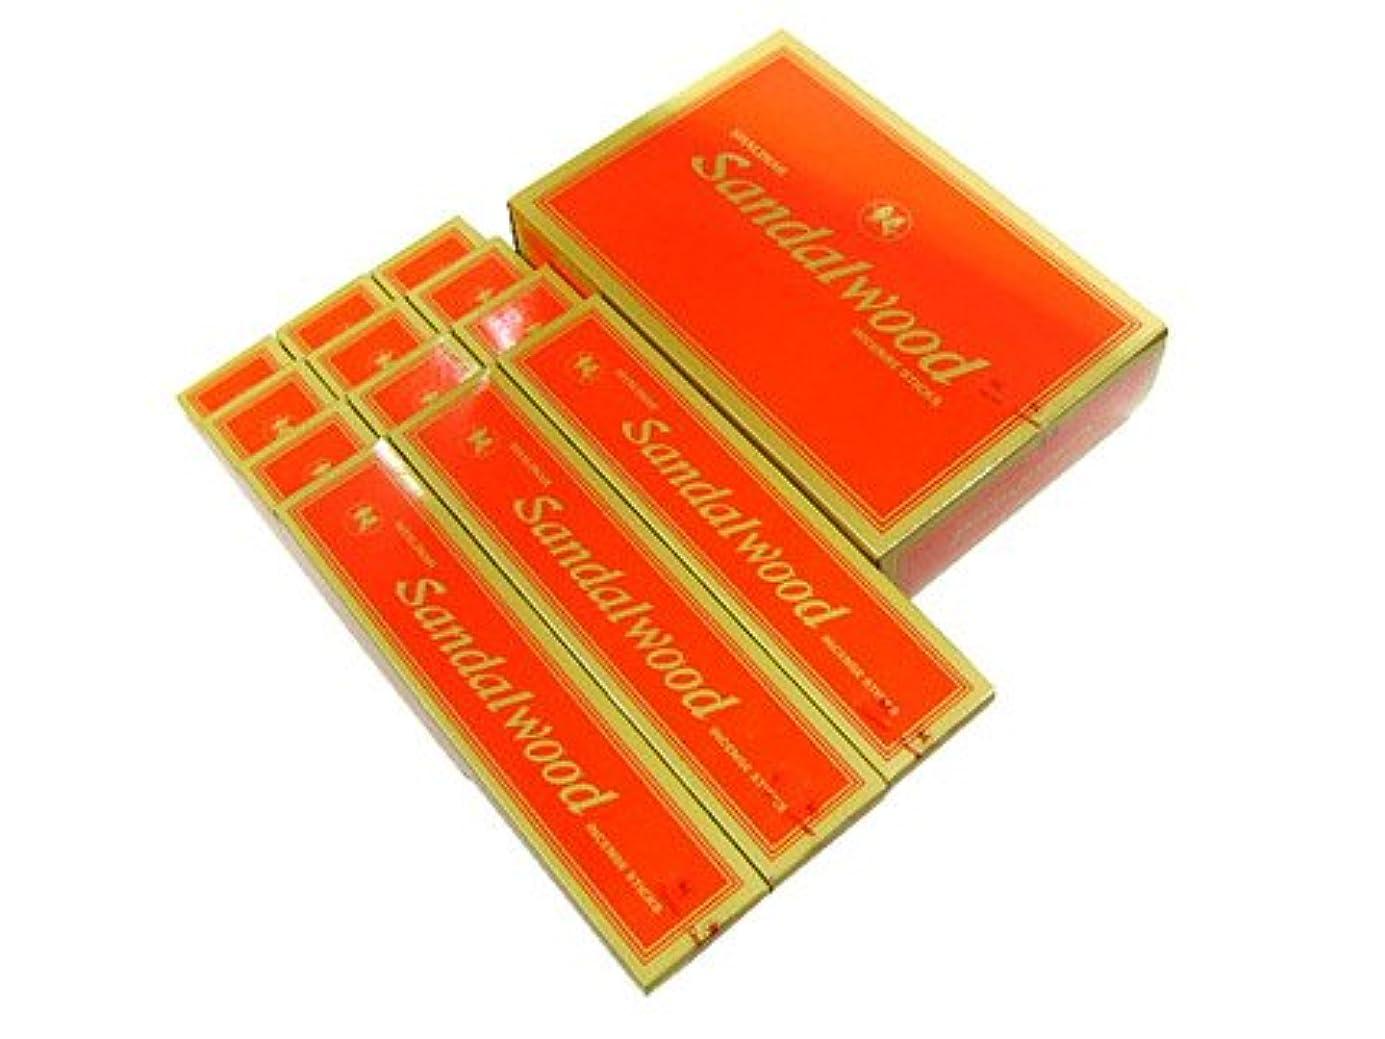 一元化する同情的関税SHALIMAR(シャリマー) SANDALWOOD サンダルウッド香(レギュラーボックス) スティック 12箱セット